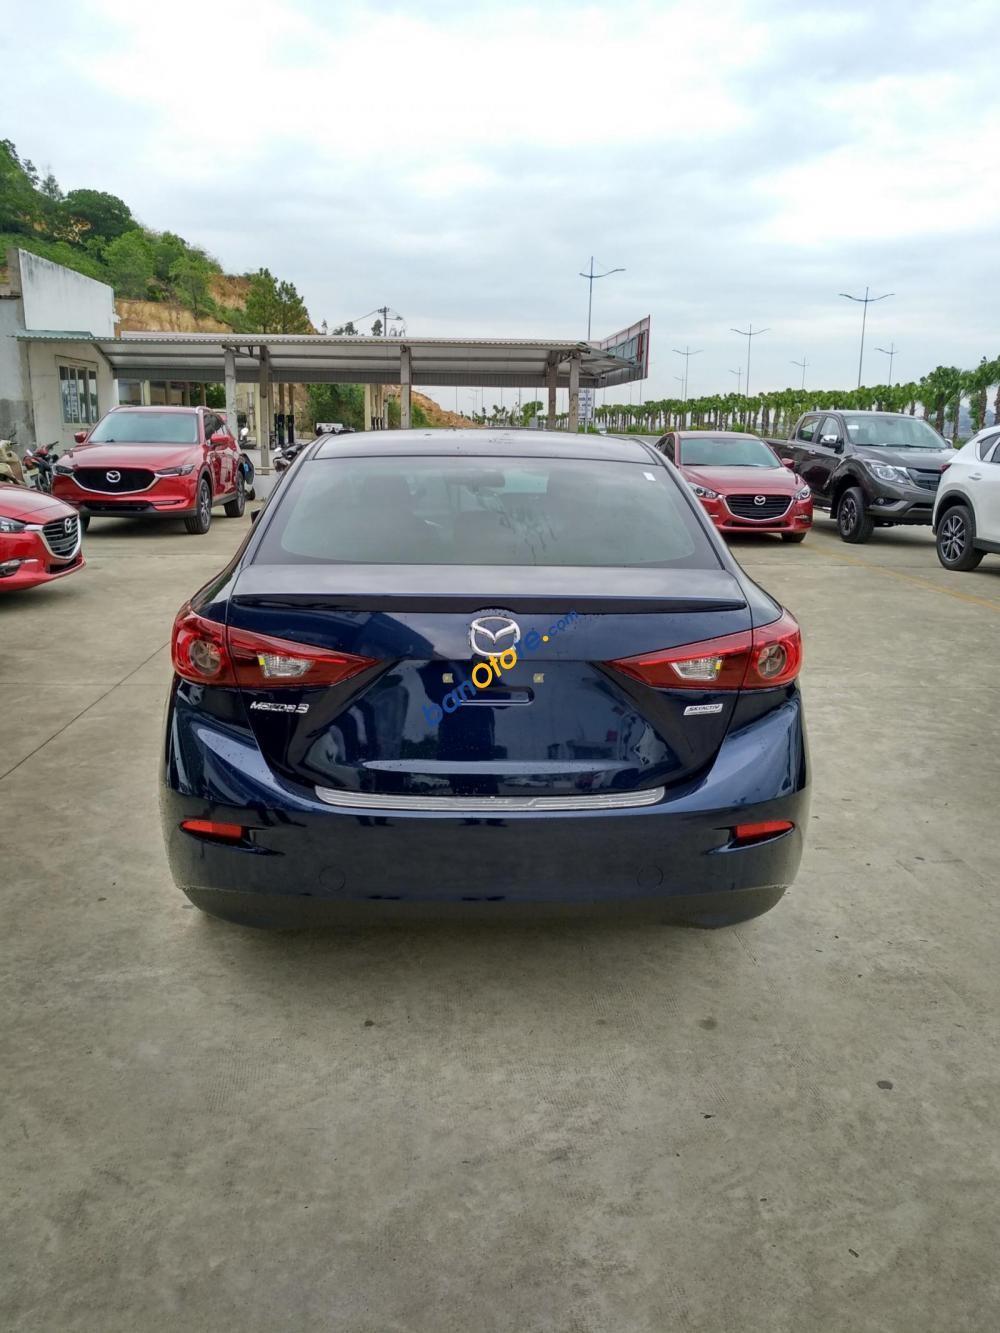 Bán xe Mazda 3 sx 2019 mới 100%, đủ màu giao ngay, LH: 0938 809 835